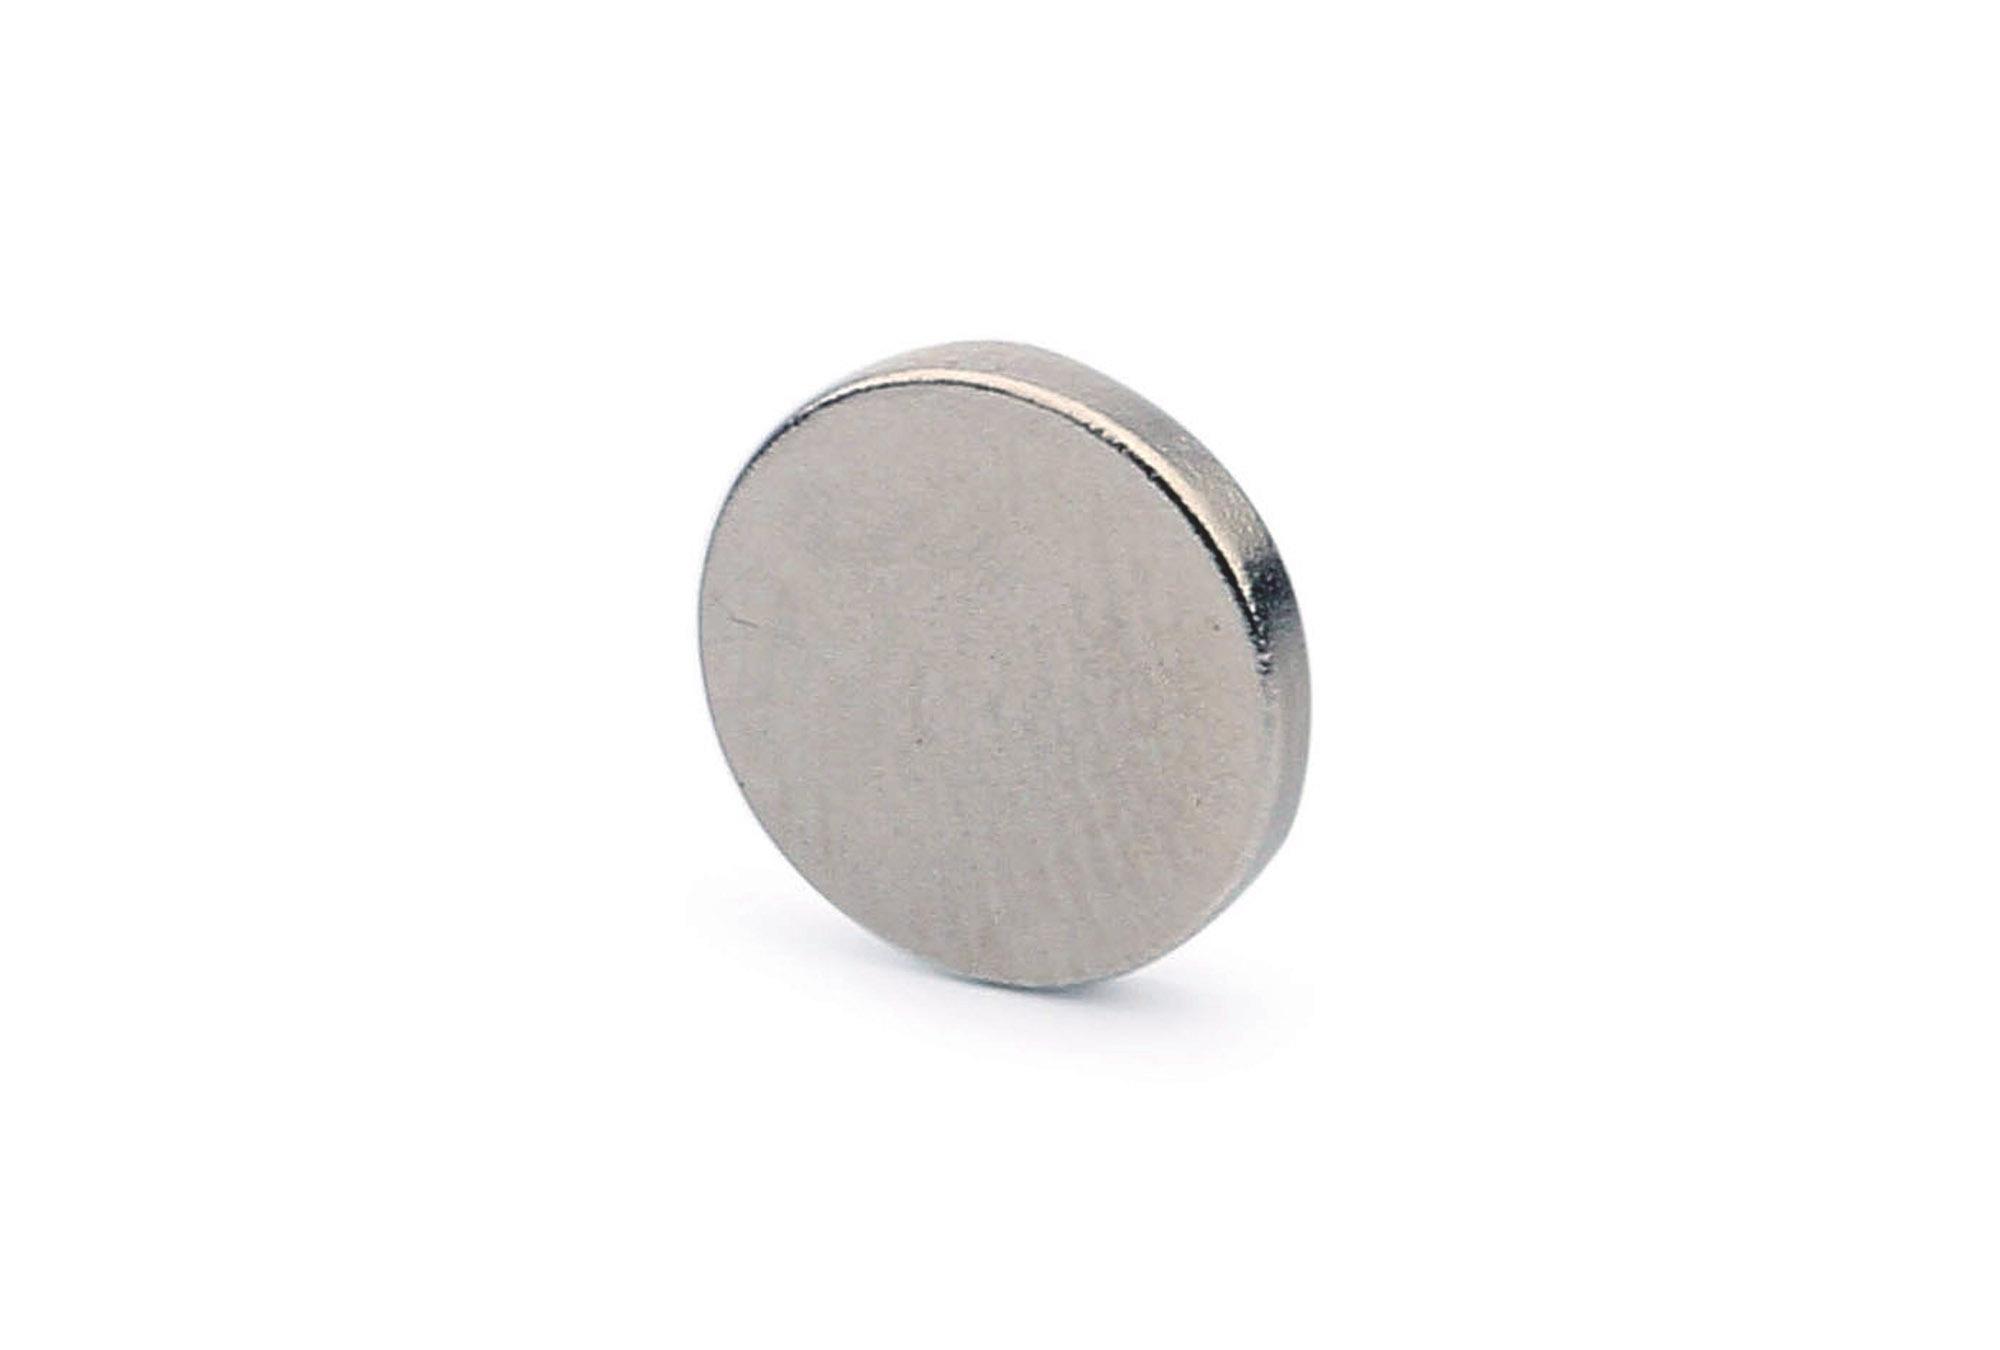 Мир Магнитов Неодимовый магнит диск 9х1.5 мм